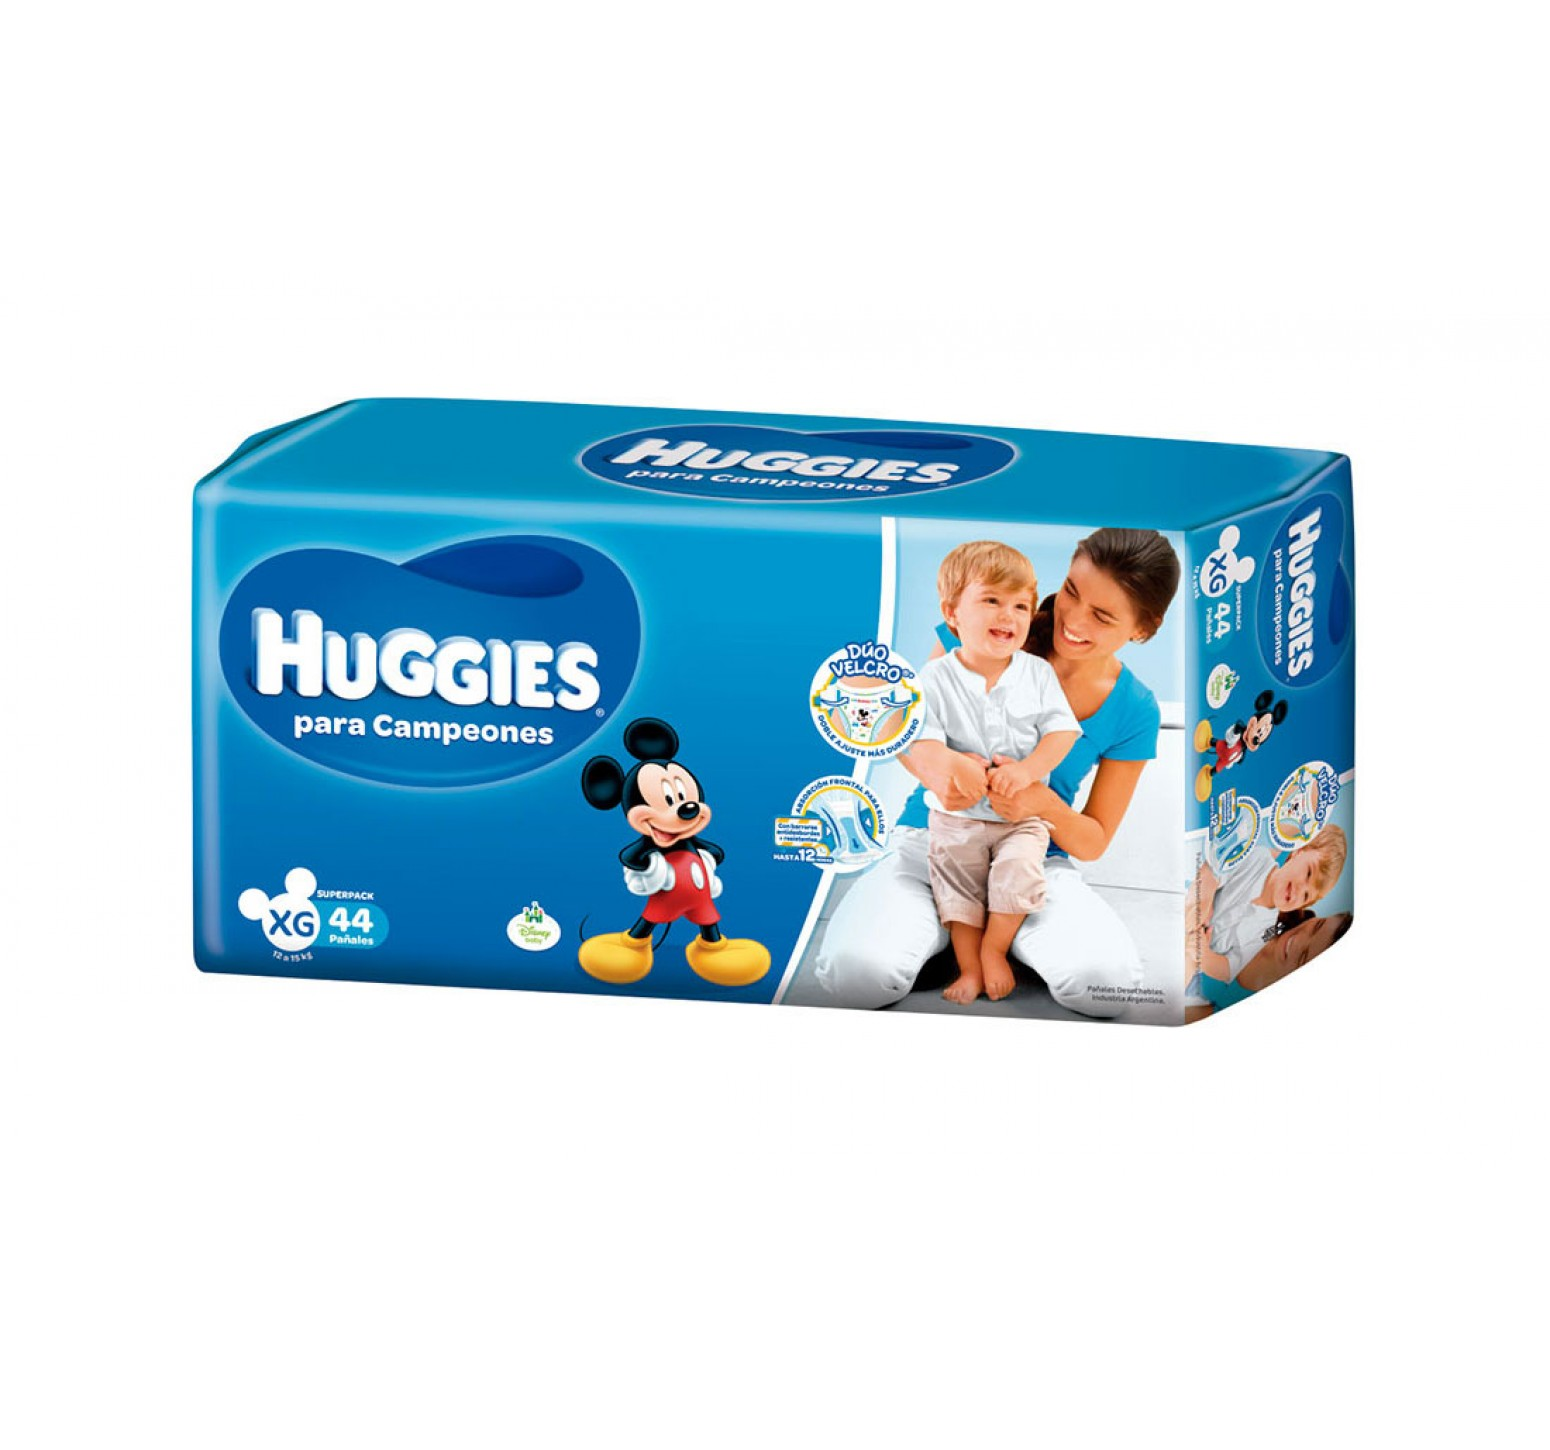 [ XG ] · 12 a 15 kg. · 3 Packs de 44 pañales